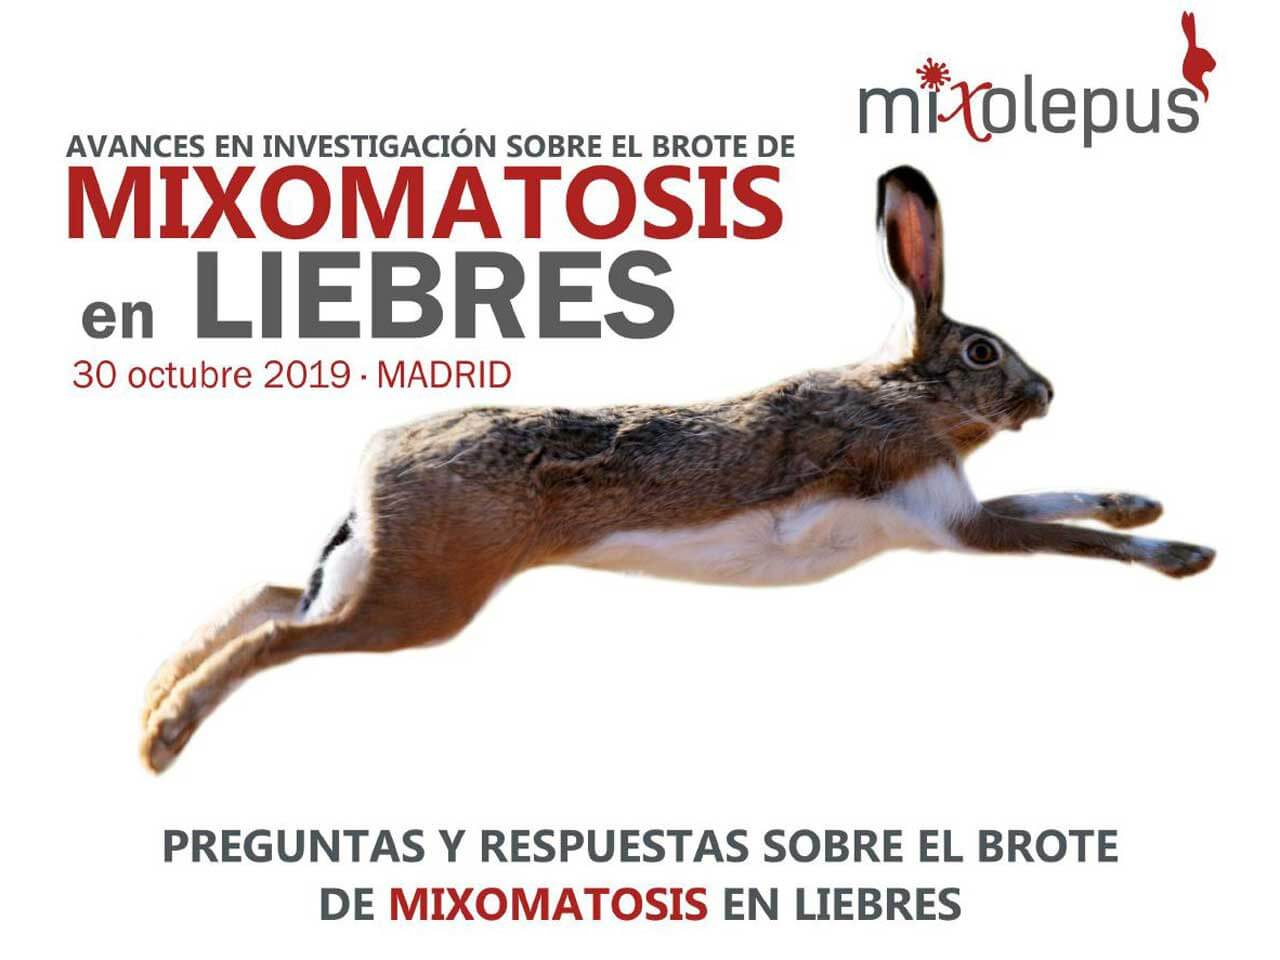 Avances en investigación sobre el brote de Mixomatosis en liebres